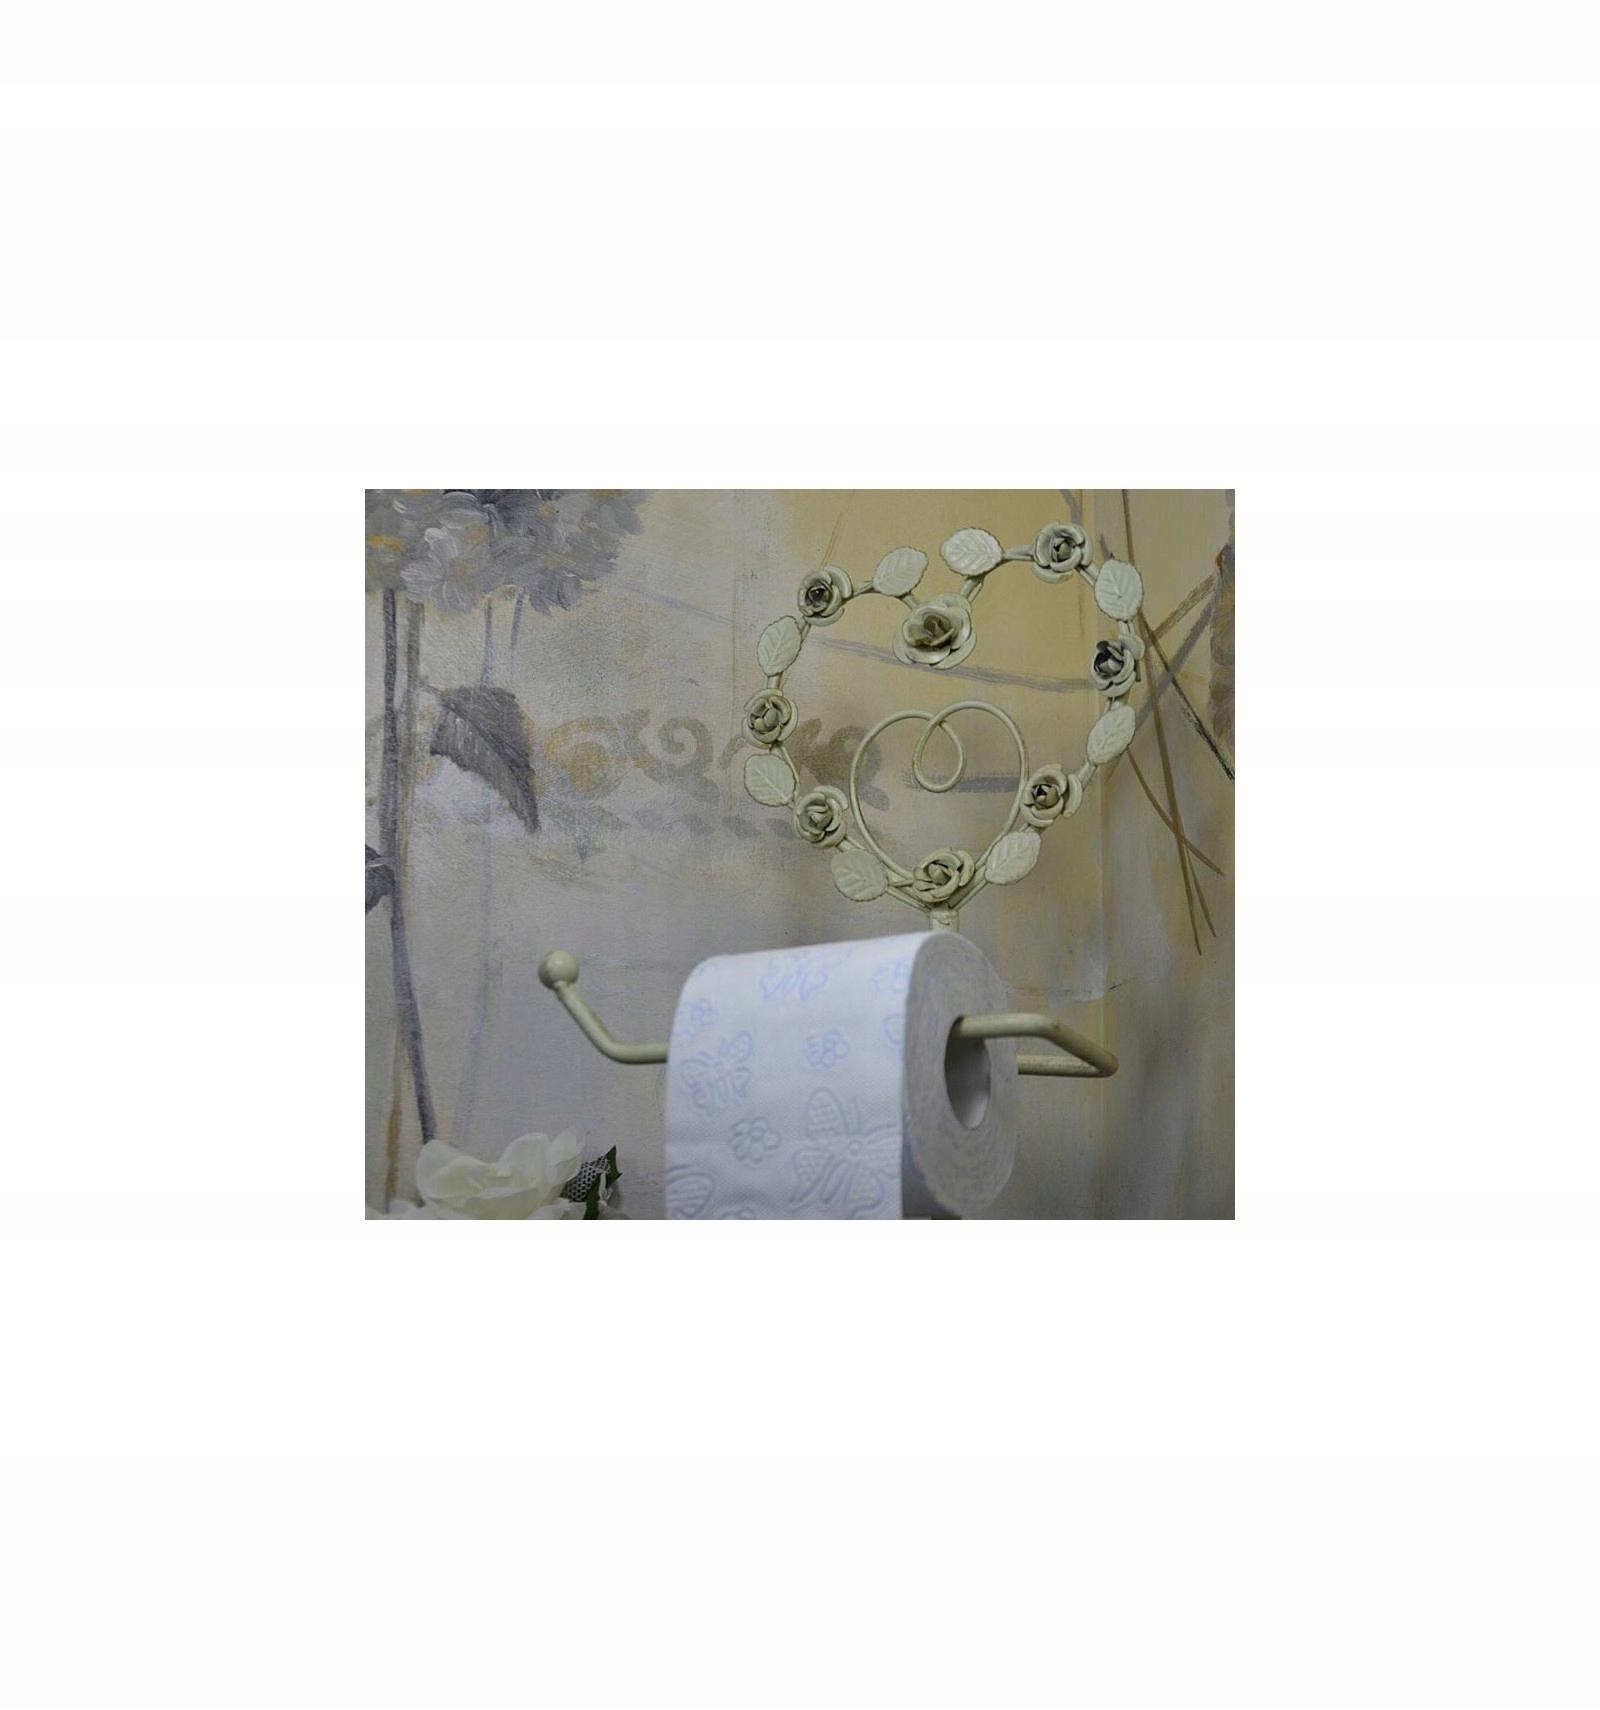 Metalowy Stojak Uchwyt Na Papier Toaletowy Retro 7538403605